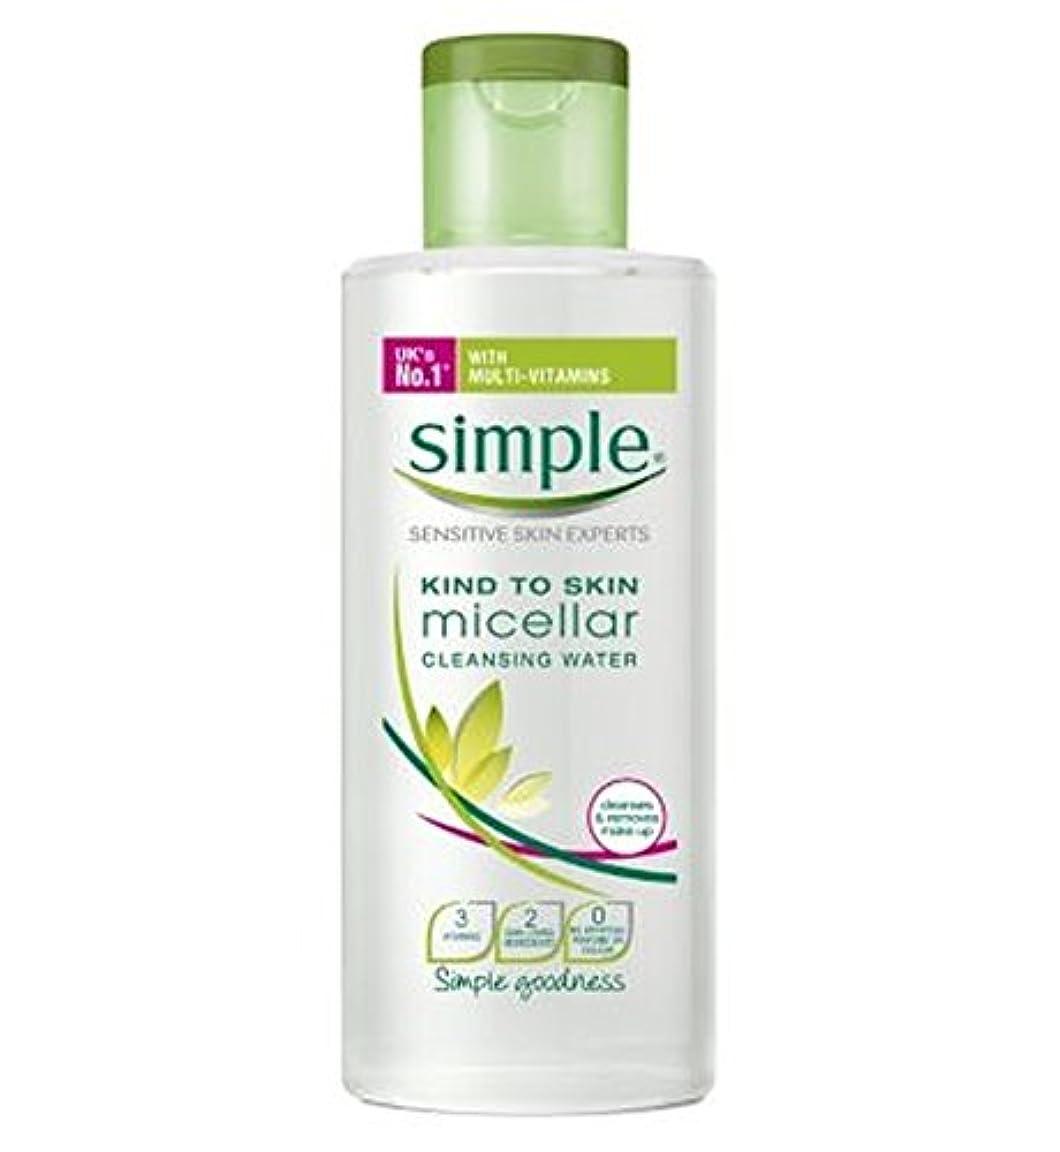 絶対の彼ら契約するSimple Kind To Skin Micellar Cleansing Water 200ml - 皮膚ミセル洗浄水200ミリリットルに簡単な種類 (Simple) [並行輸入品]